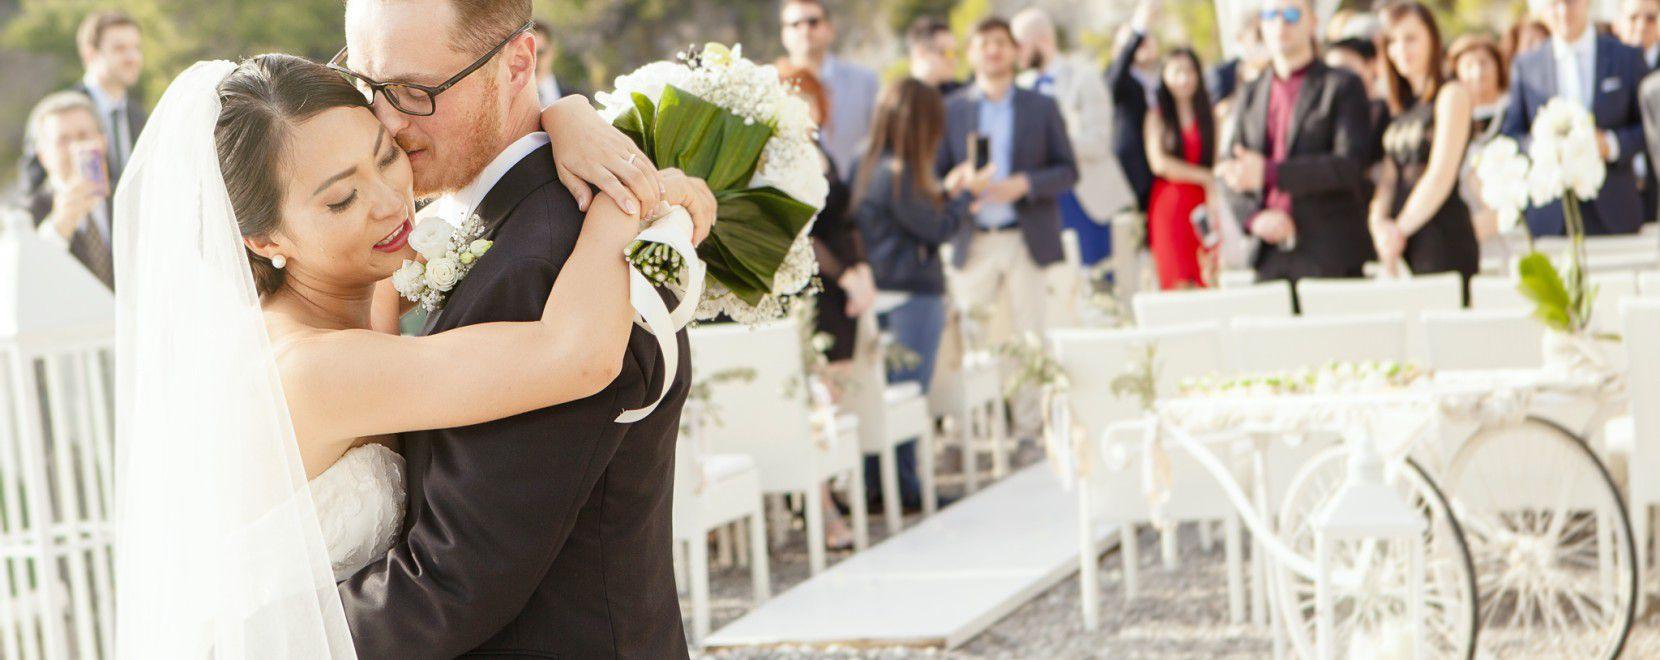 Particolare sposi dopo celebrazione matrimonio a Maratea